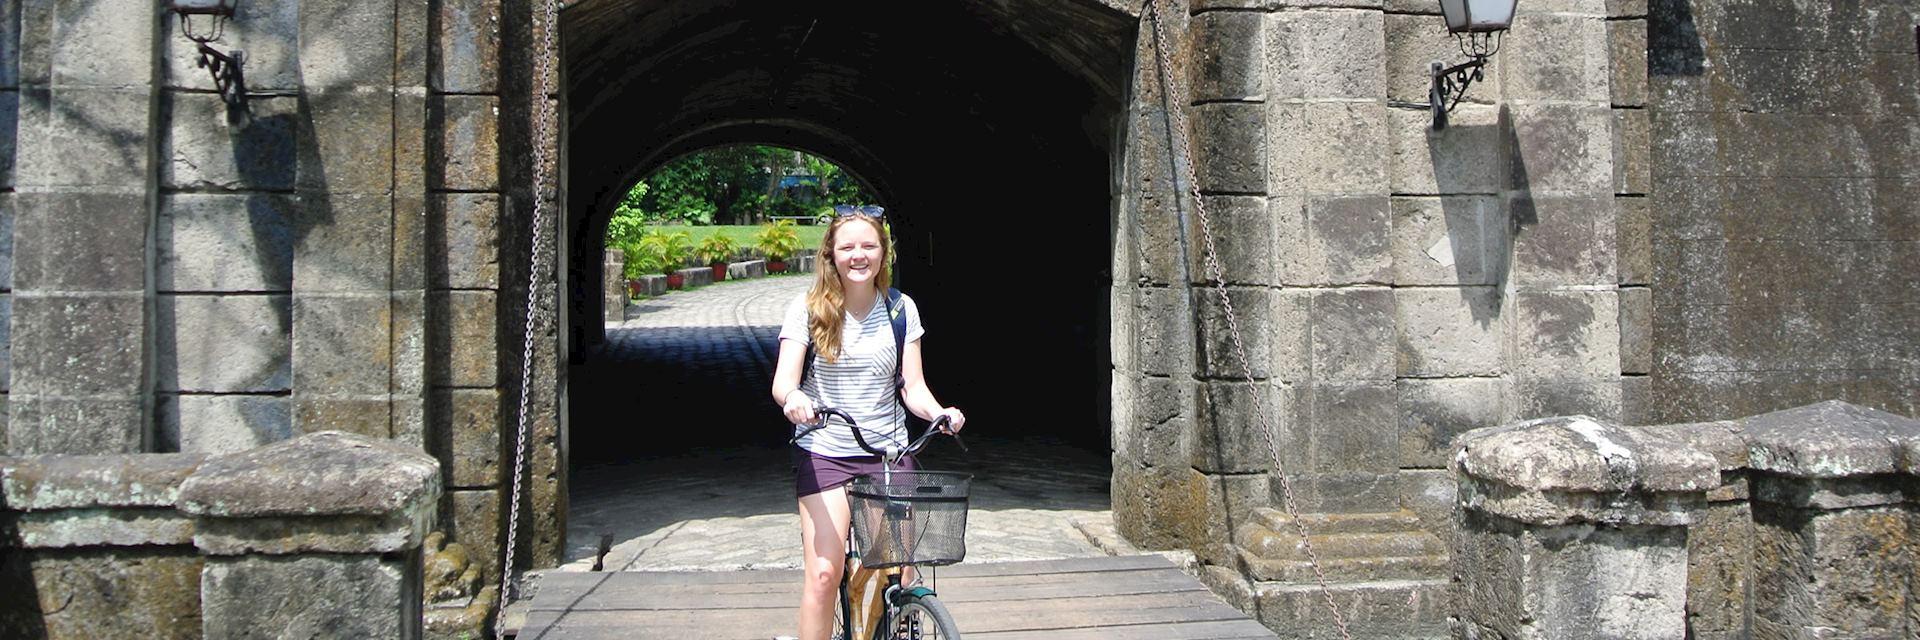 Isabel riding through Intramuros, Manila